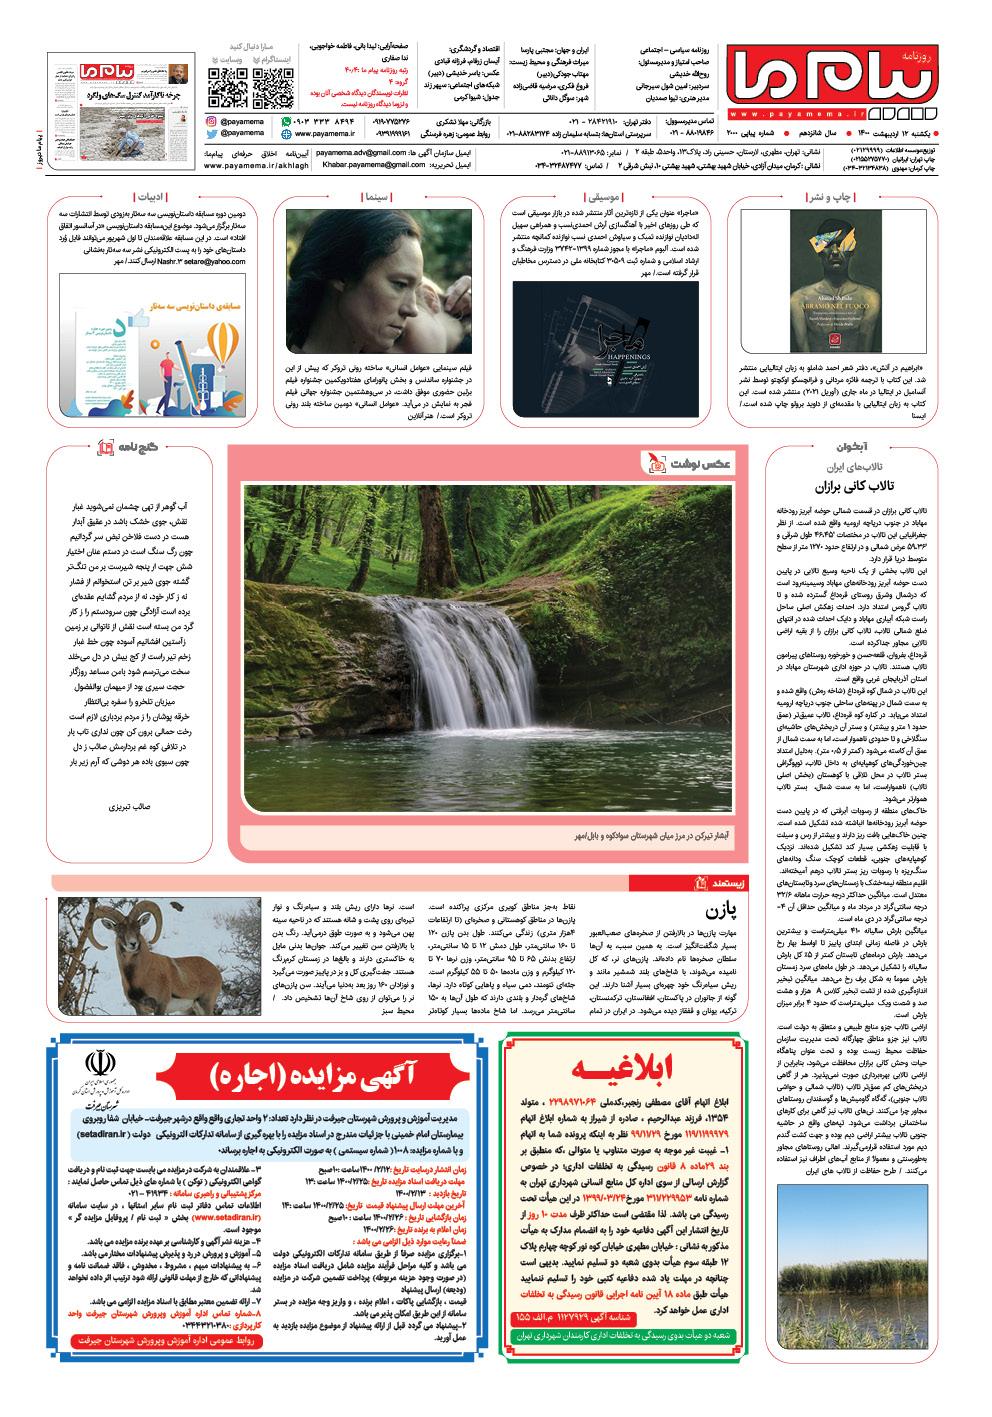 صفحه آخر شماره ۲۰۰۰ روزنامه پیام ما